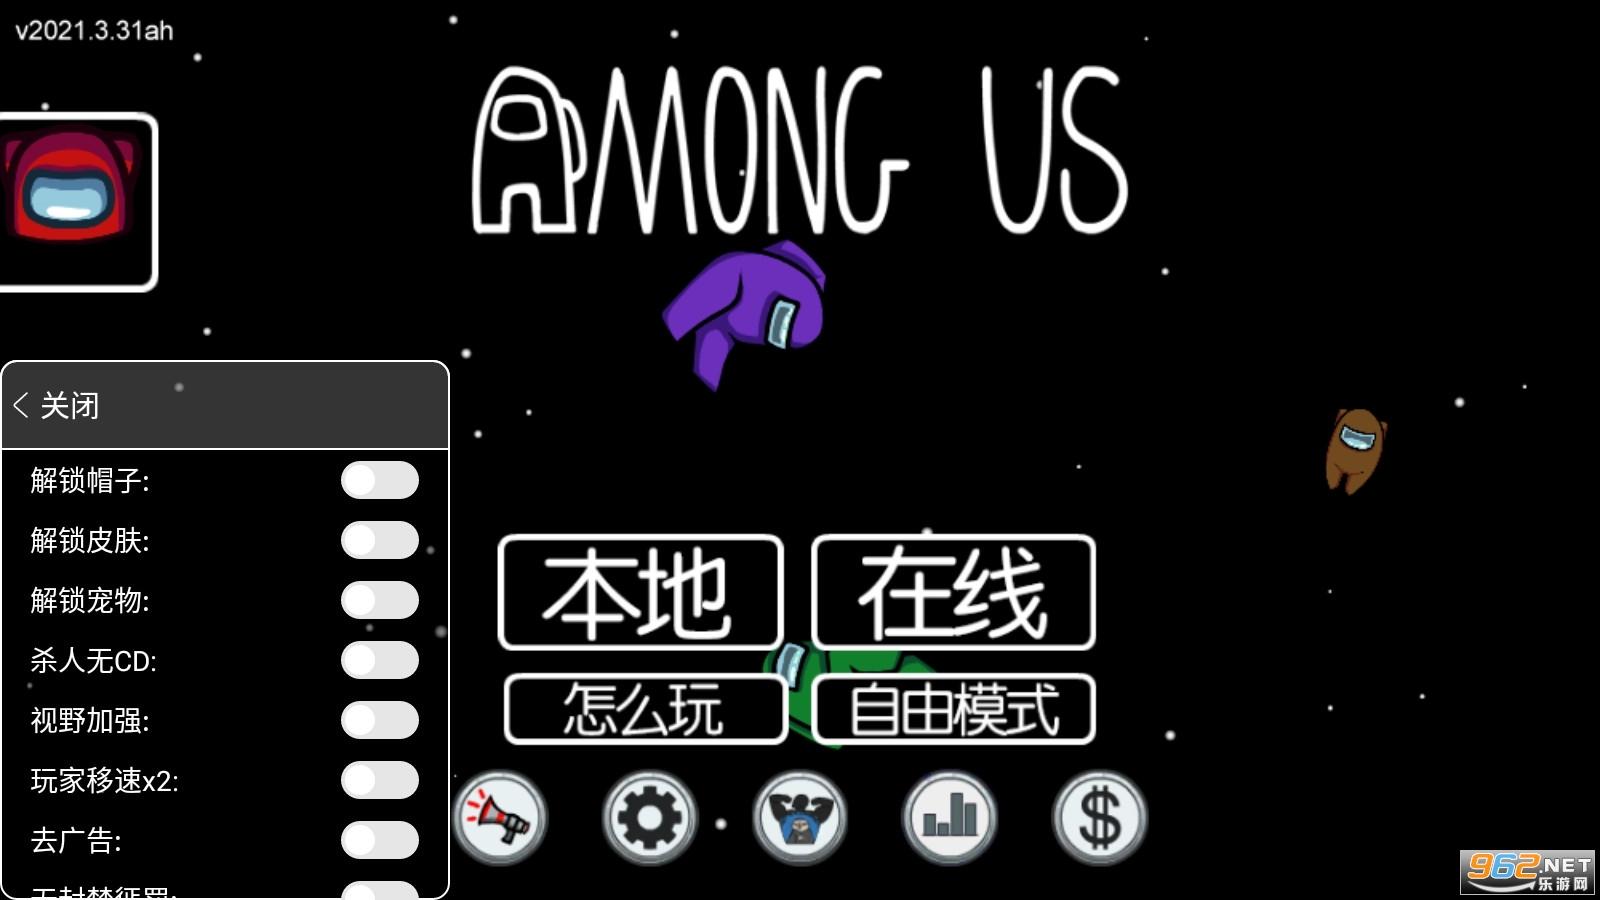 among us飞船版v2021.3.31 内置菜单截图2